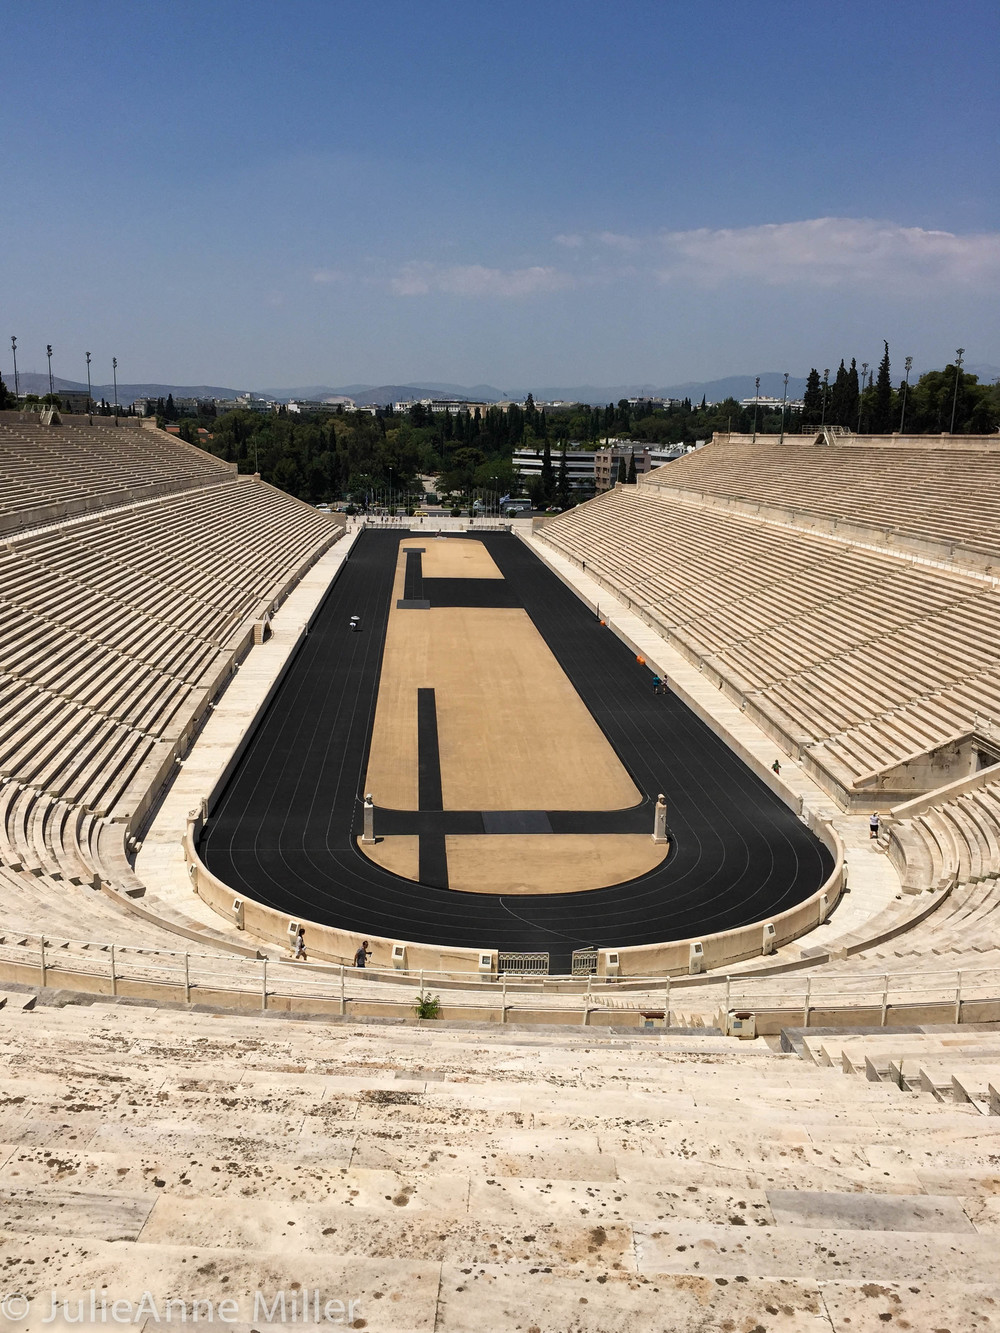 Panhellenic Stadium